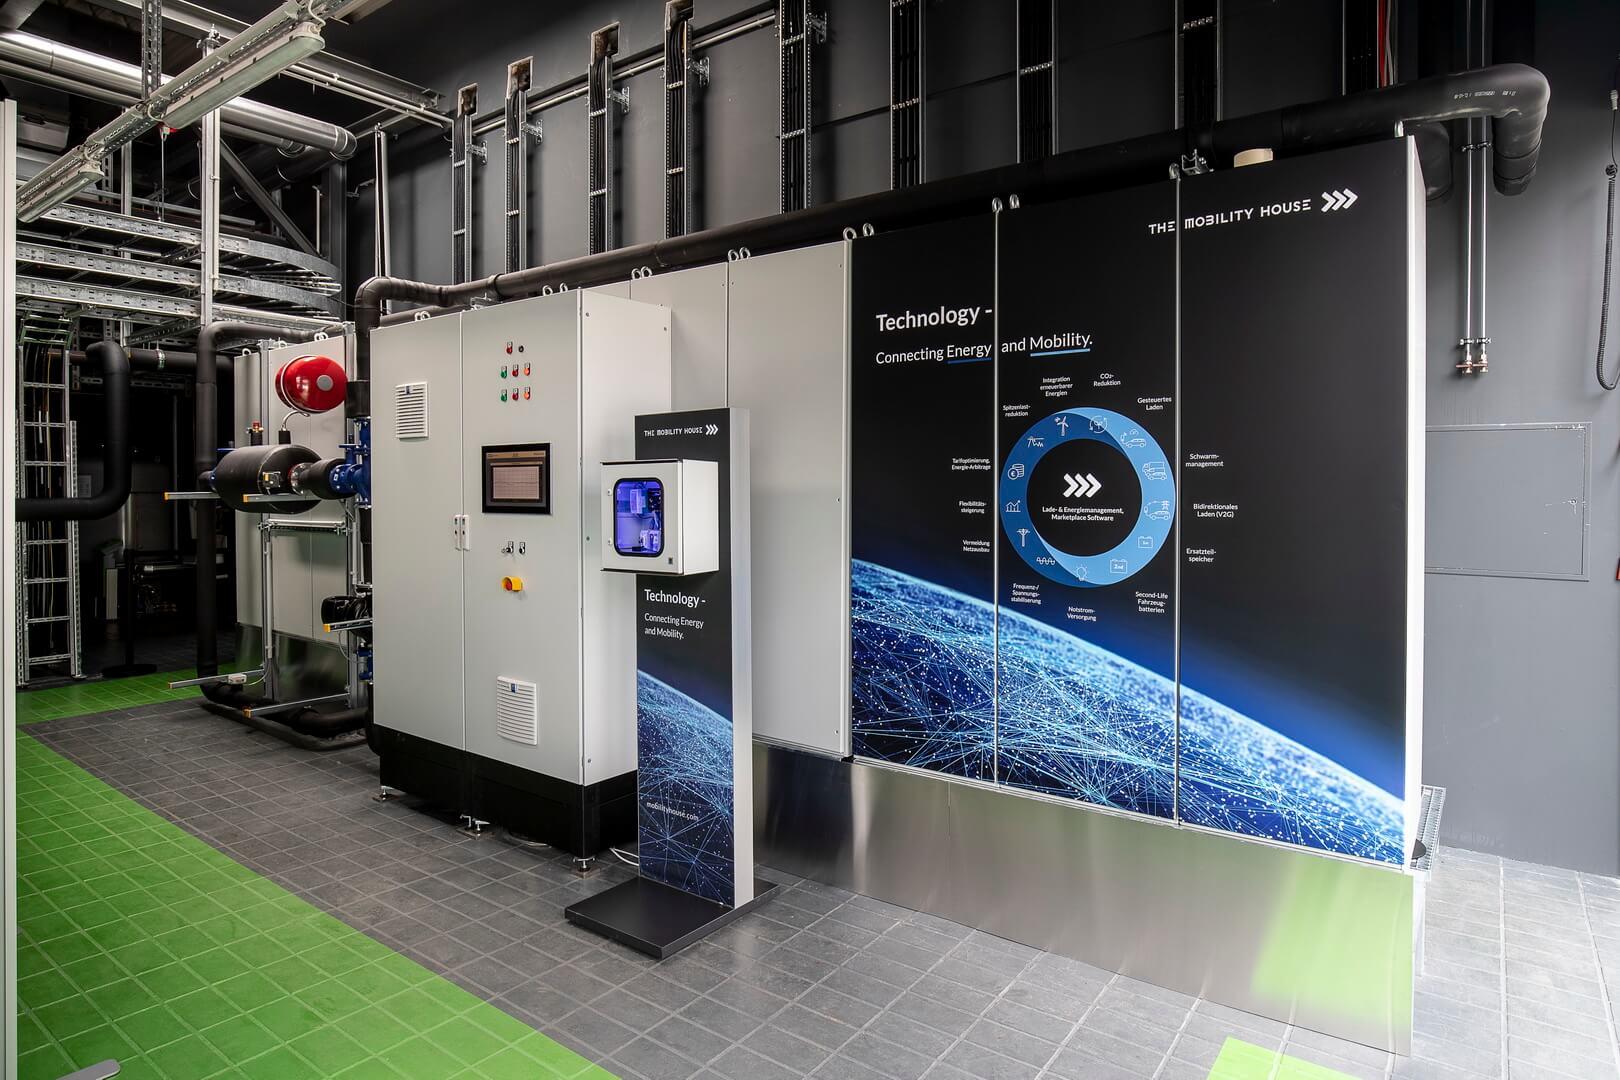 Audi построила хранилище энергии избатарей e-tron на1,9МВт⋅ч